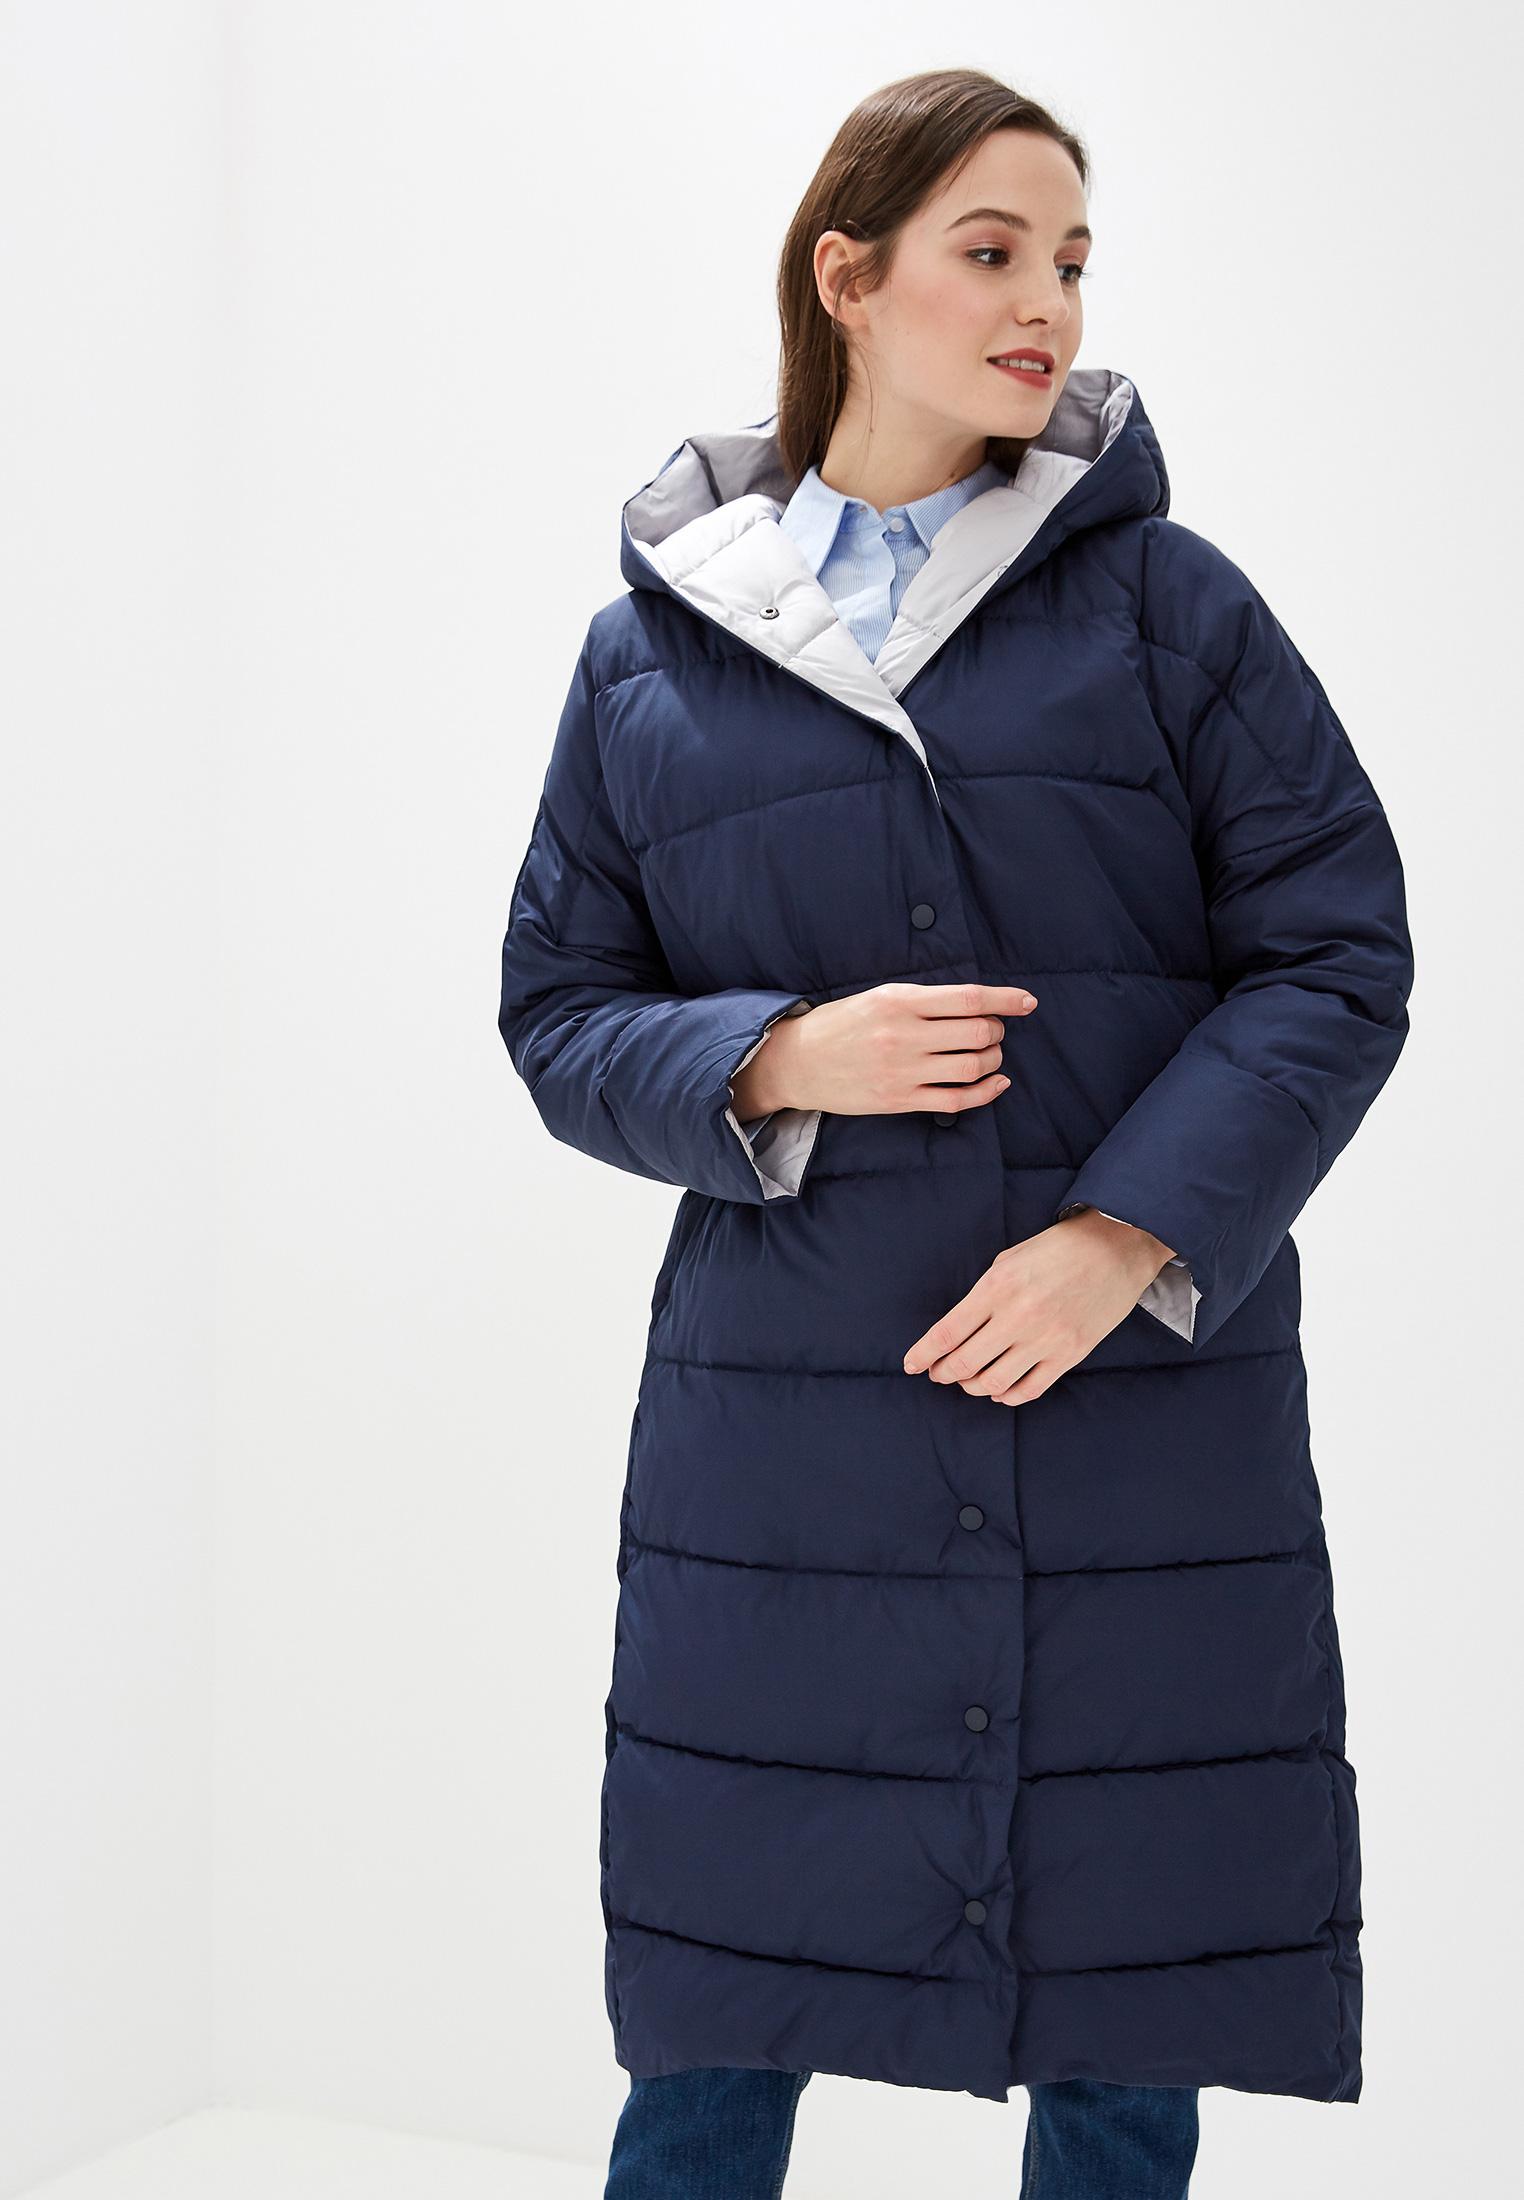 Куртка утепленная, Zarina, цвет: синий. Артикул: MP002XW0RHZD. Одежда / Верхняя одежда